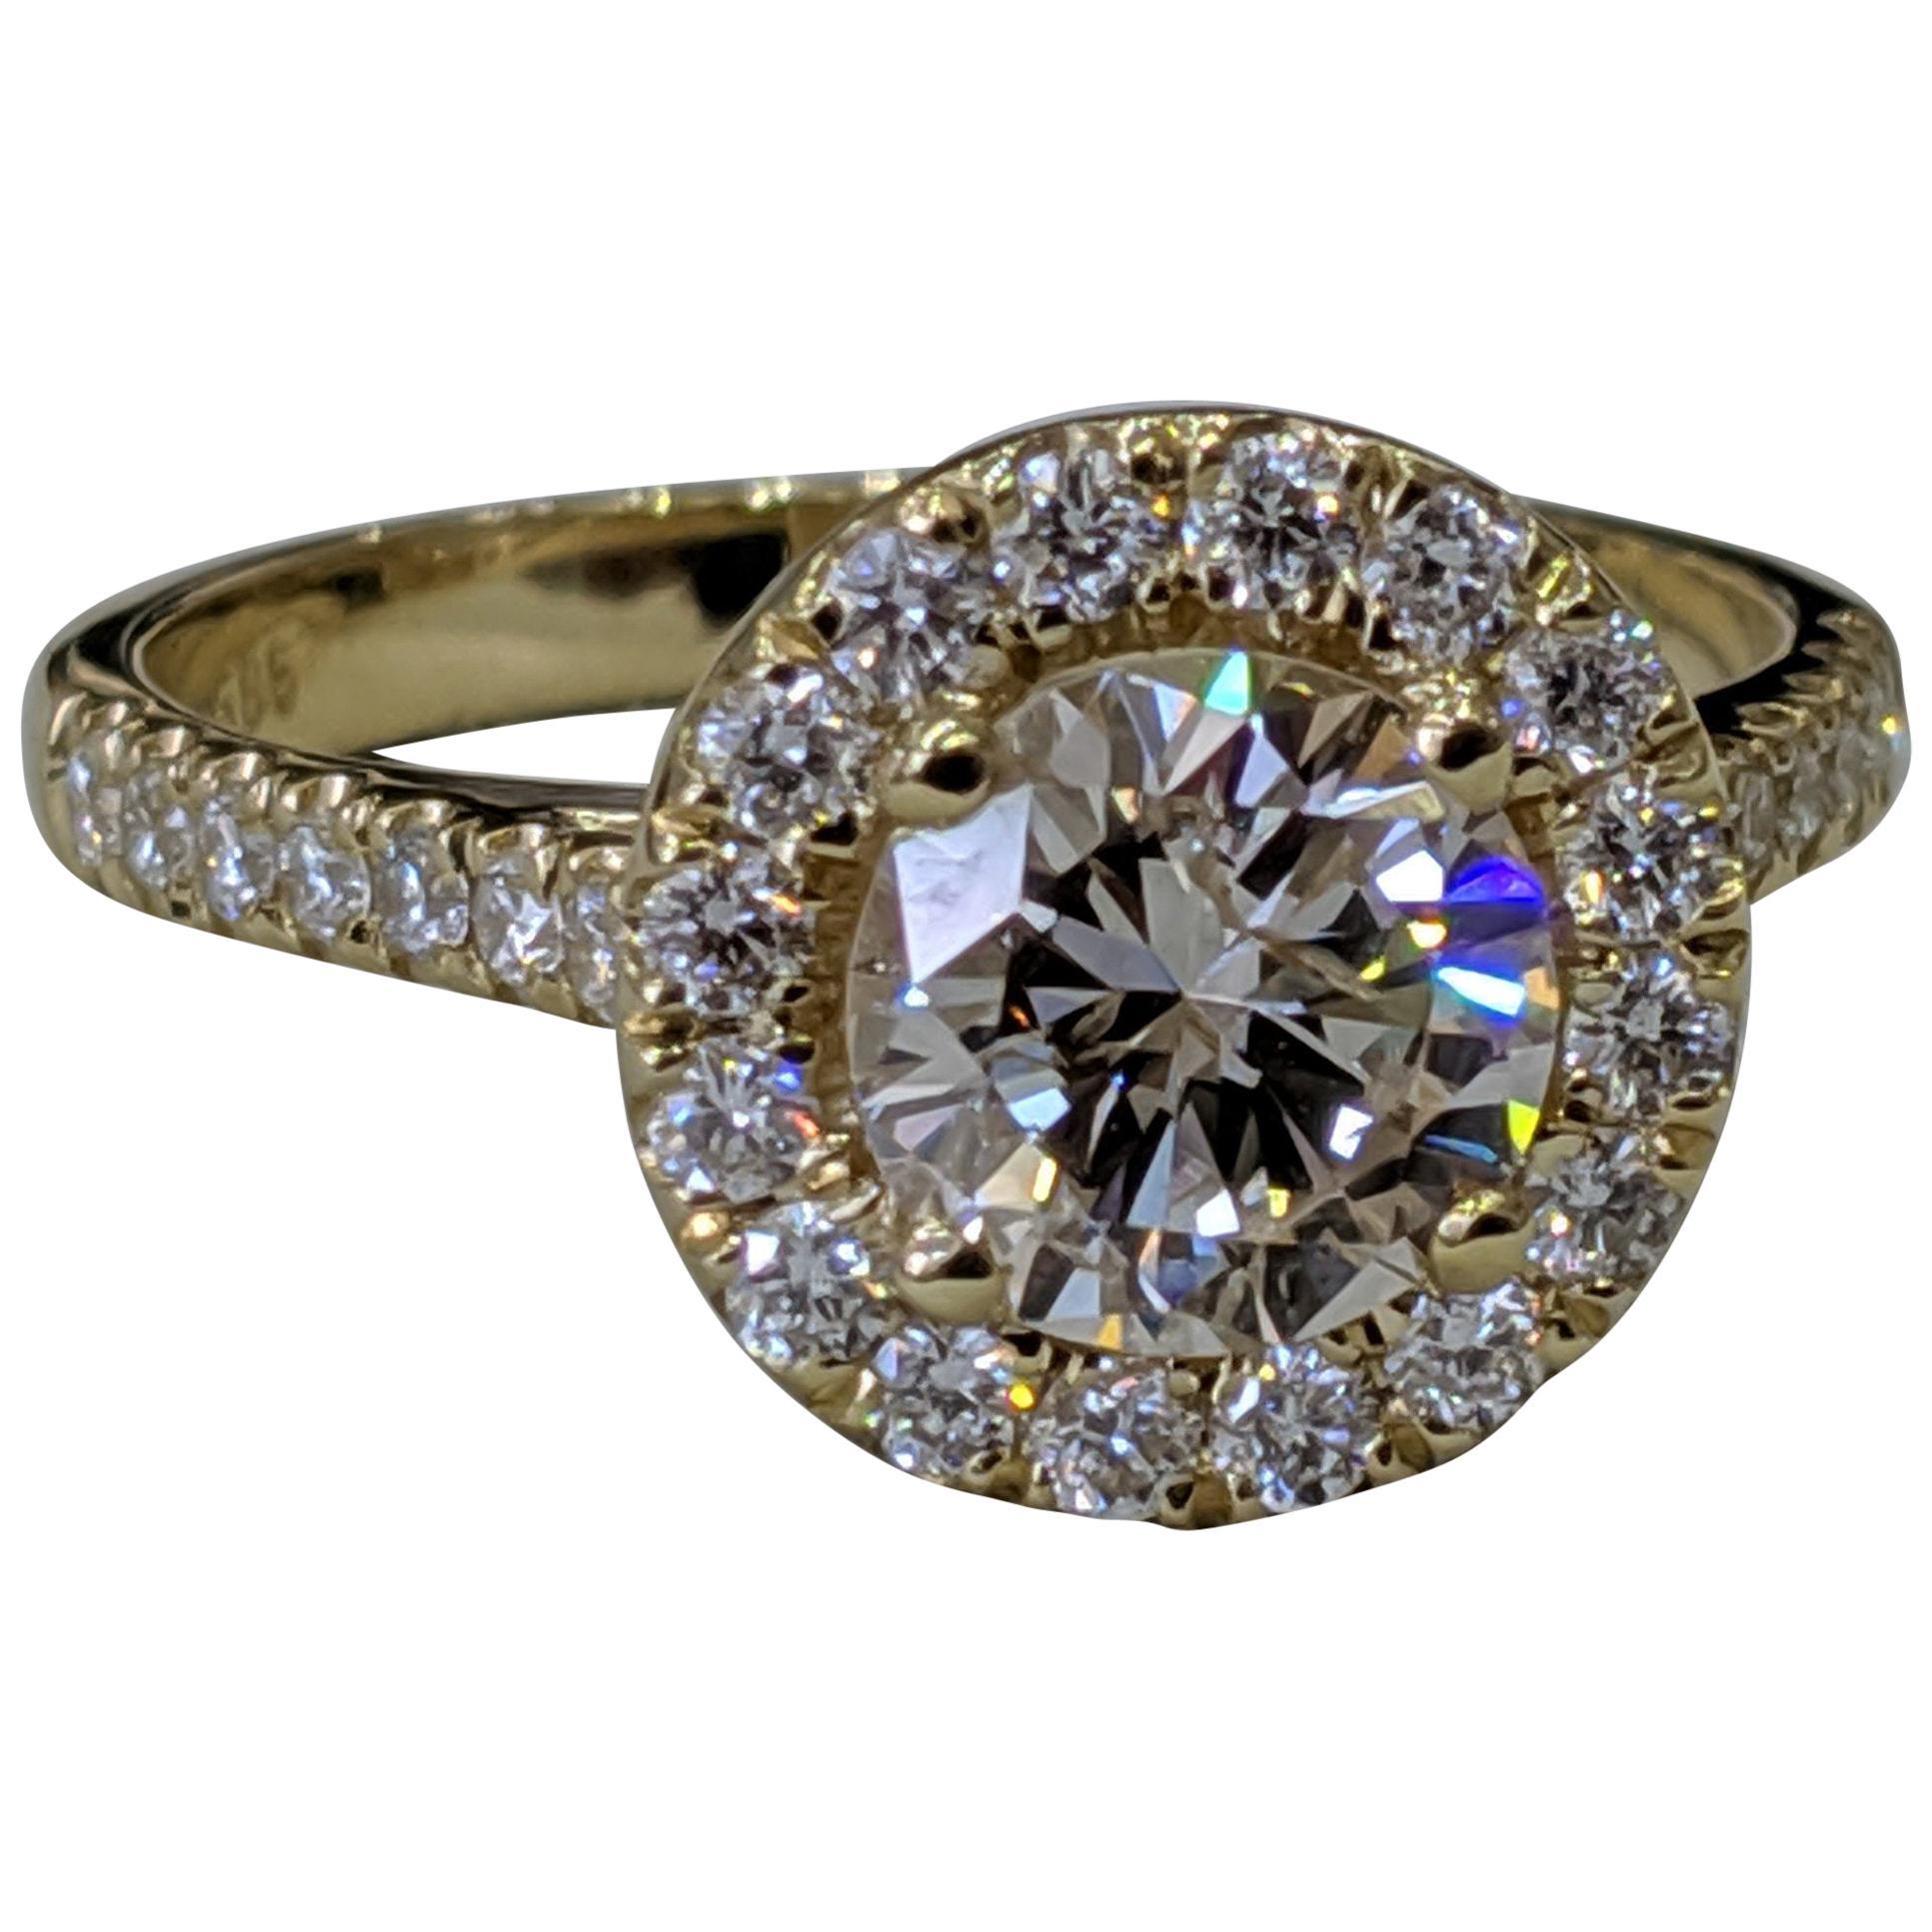 1 3/4 Carat 14 Karat Yellow Gold Round Diamond Engagement Ring Diamond Halo Ring